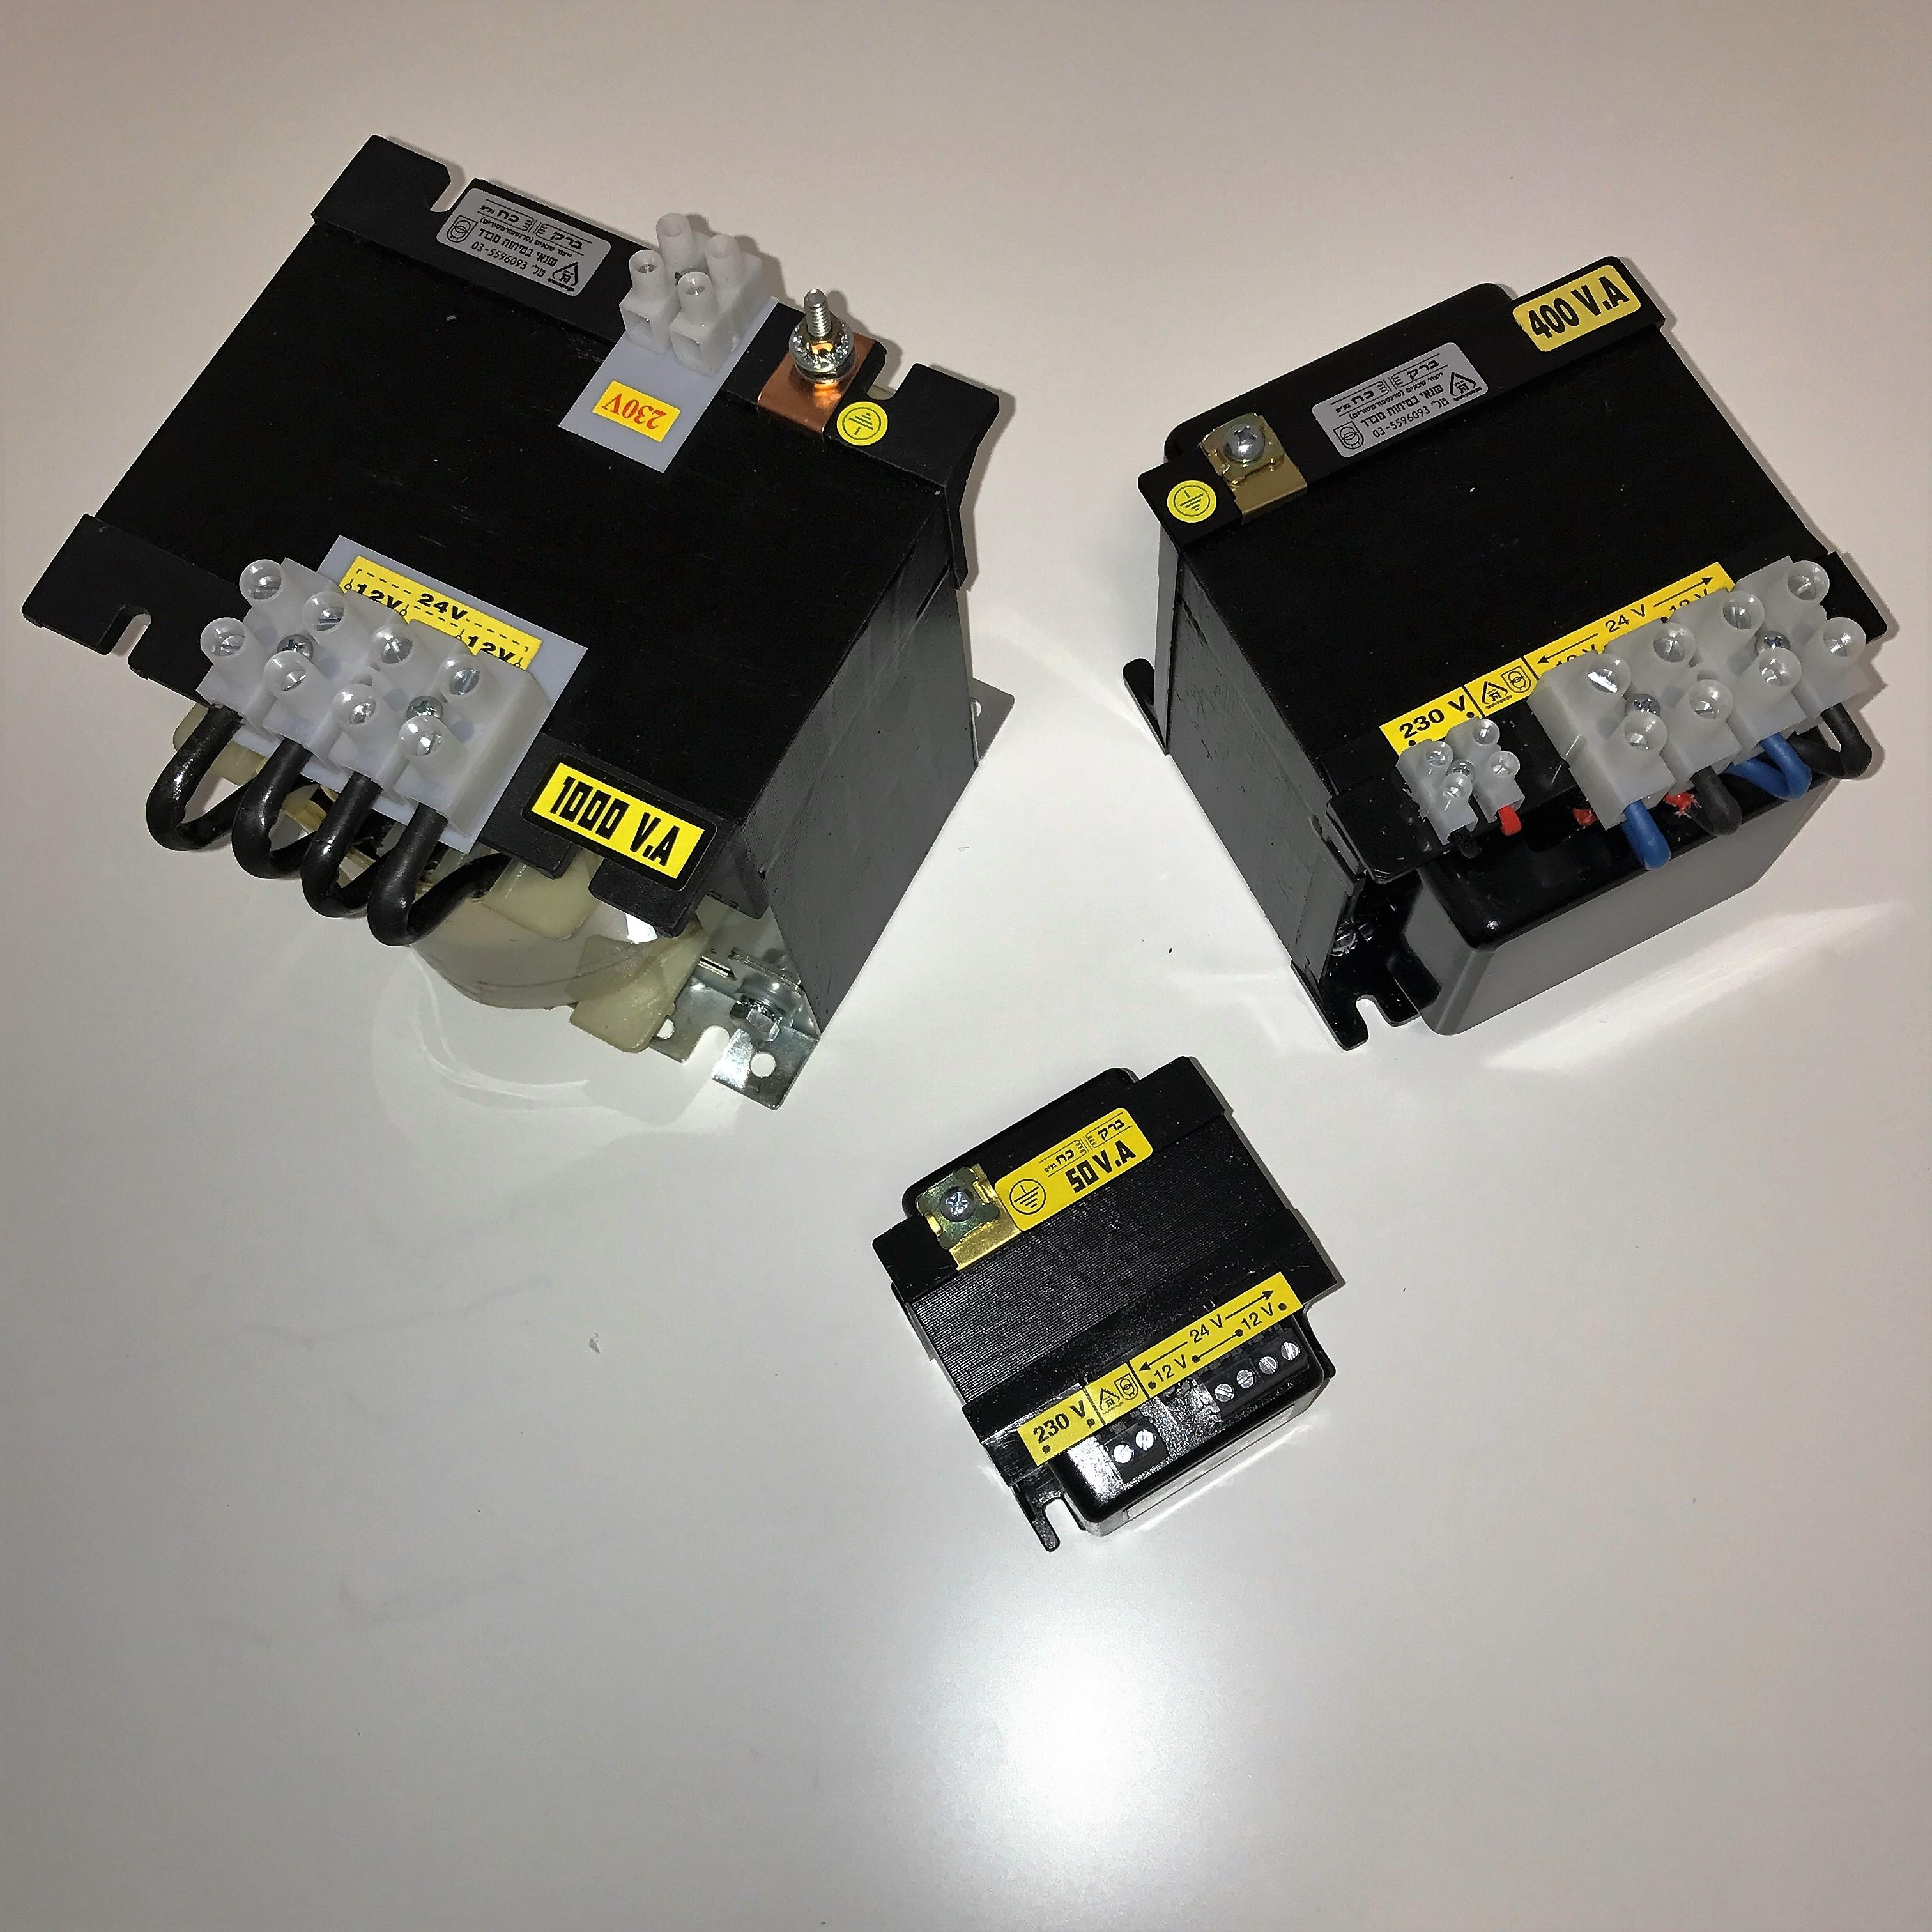 שנאי מבדל בהספק 1000VA במתחים 230V-24V